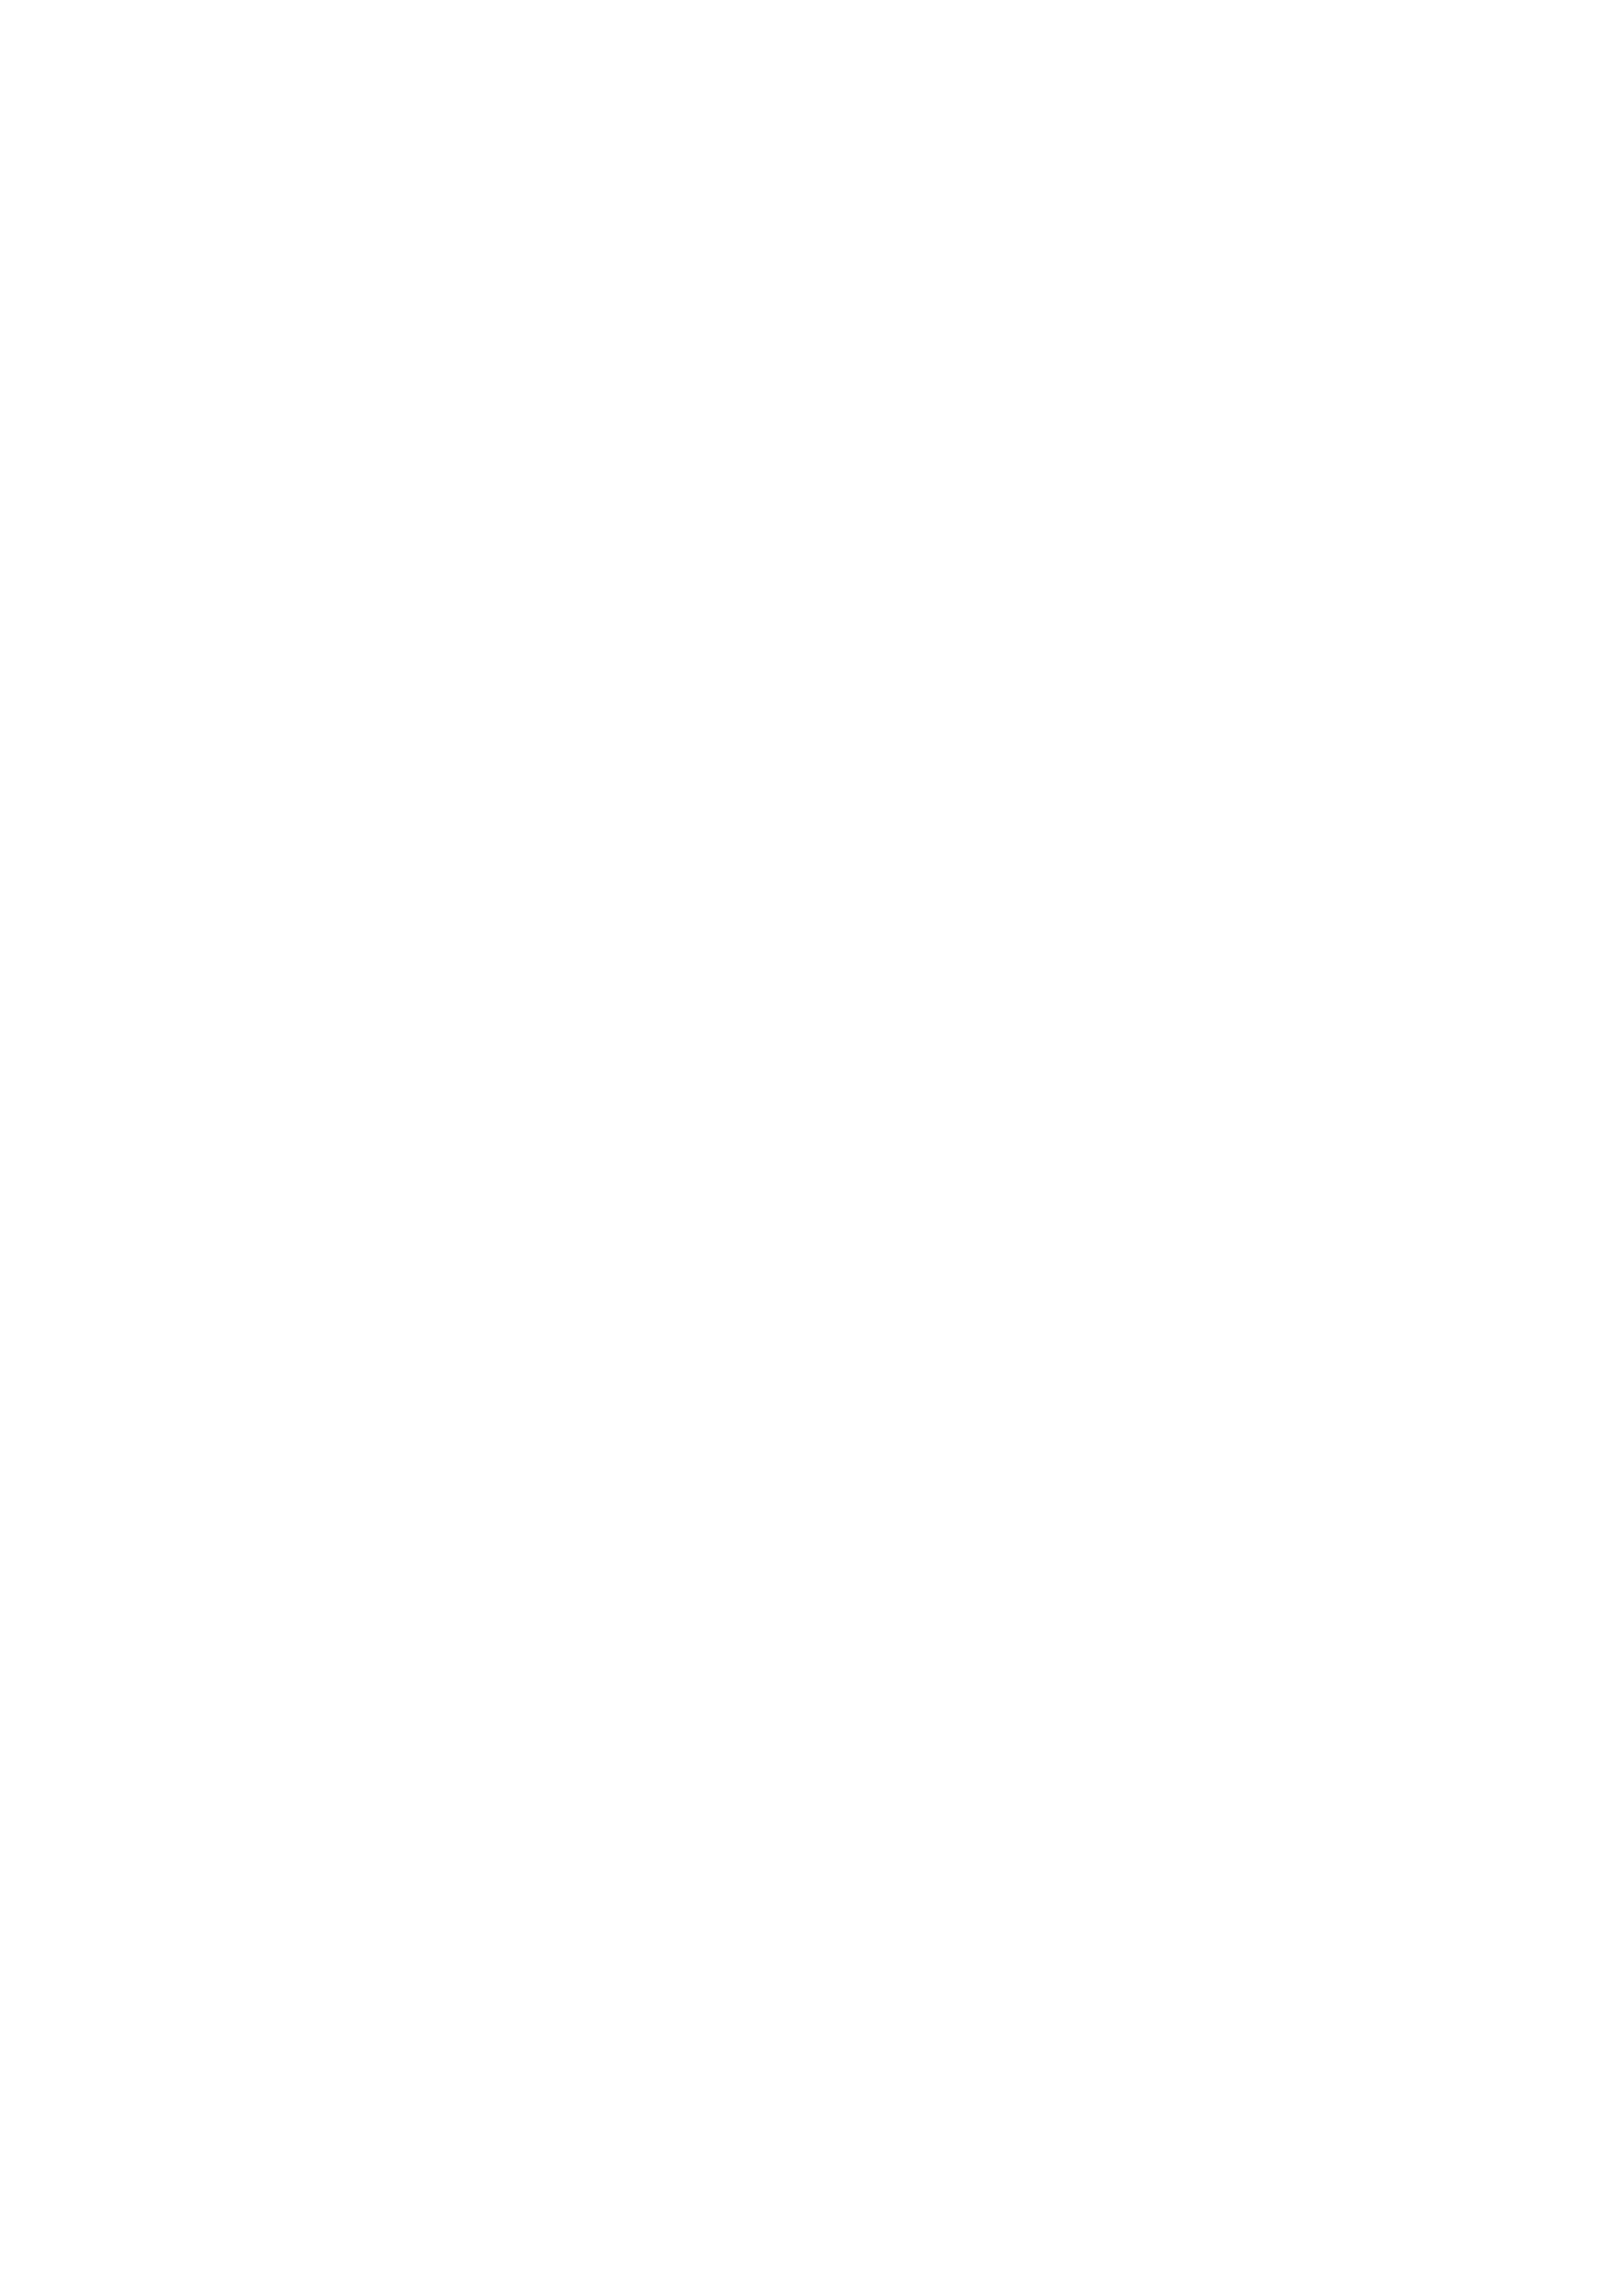 ΠΡΟΓΡΑΜΜΑ ΕΚΔΡΟΜΗΣ ΧΙΟΥ ΔΕΥΤΕΡΗ ΕΙΔΟΠΟΙΗΣΗ-24